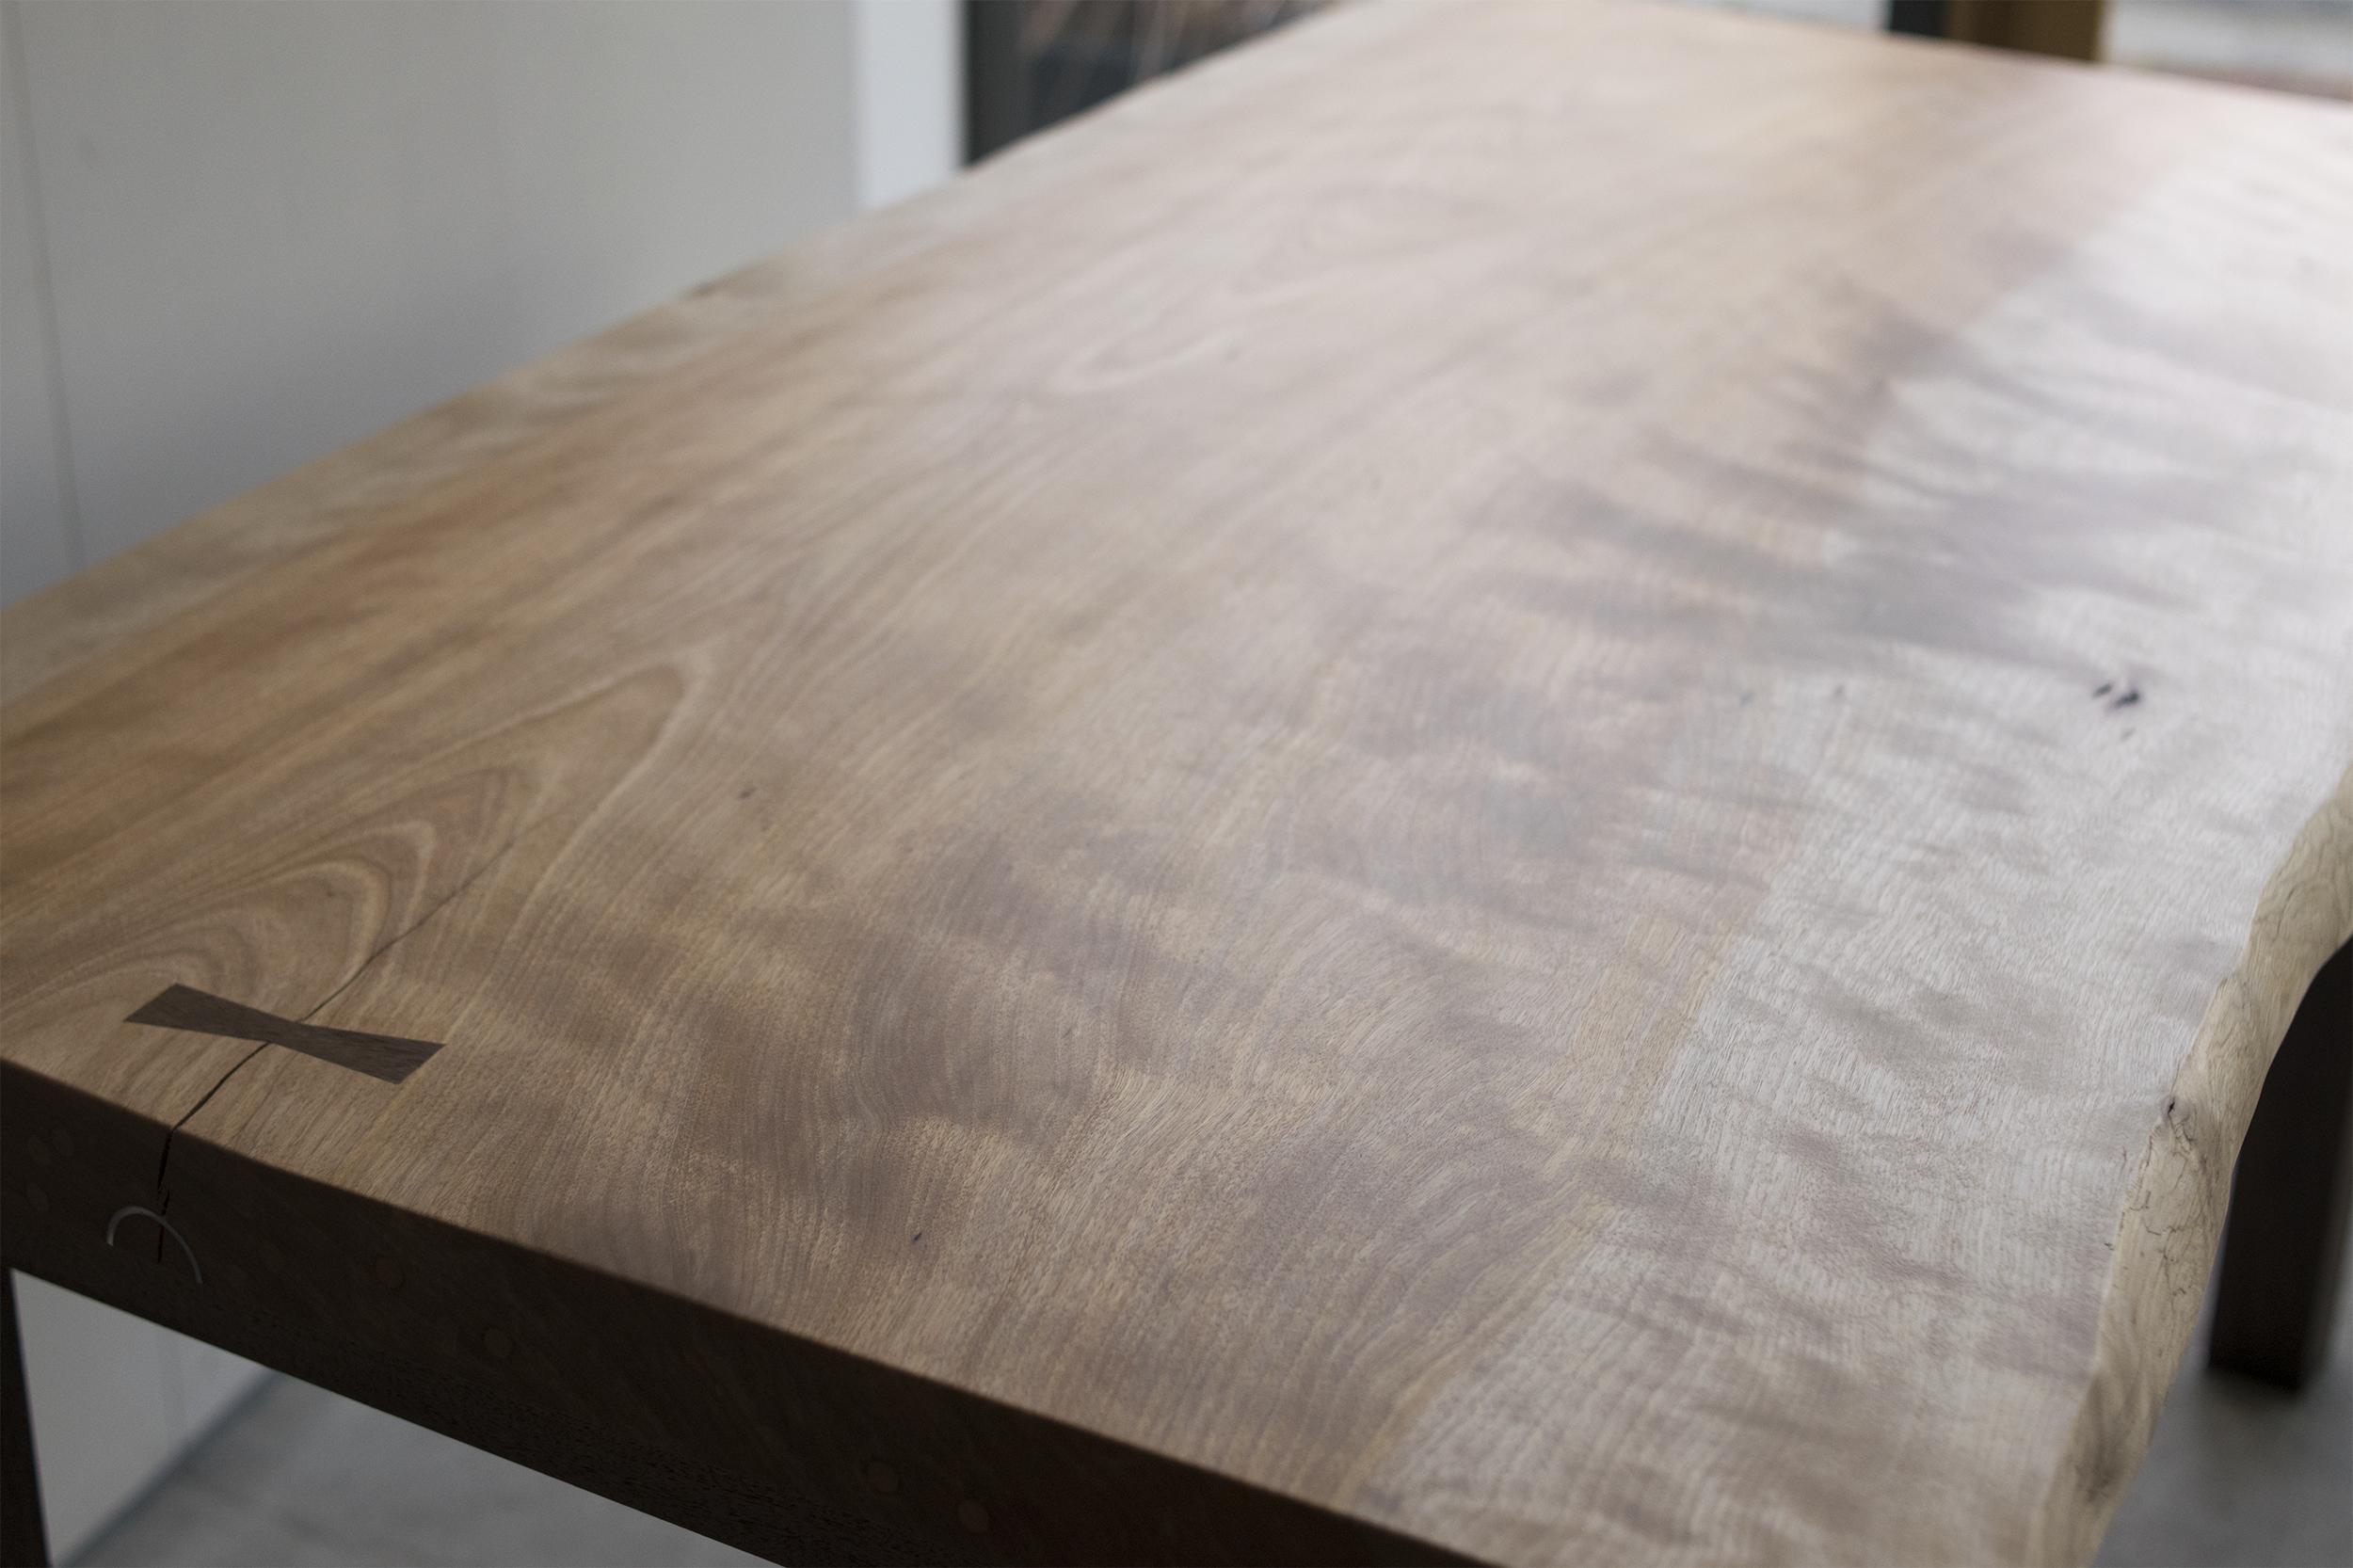 樺(かば)一枚板天板+ウォールナット材フォーレッグス 表面の杢の様子